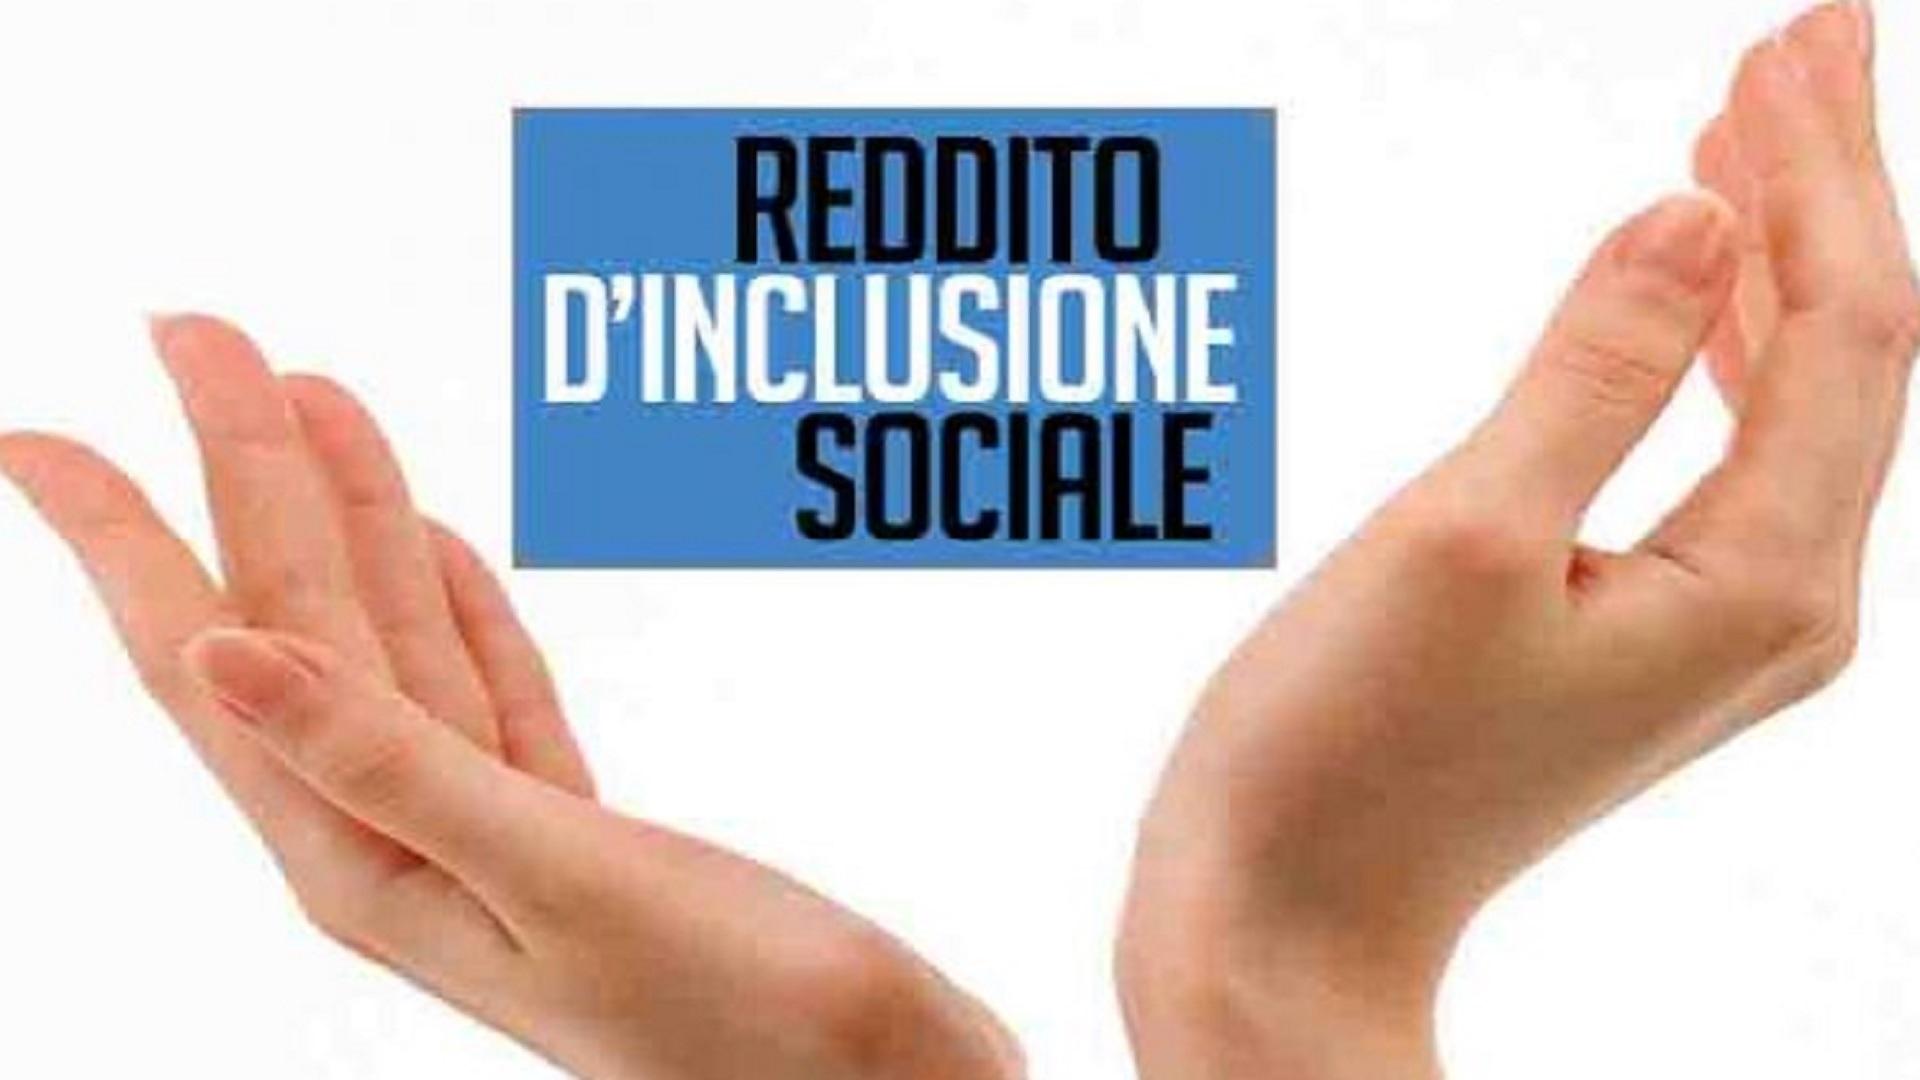 reddito-di-inclusione-sociale-povertà